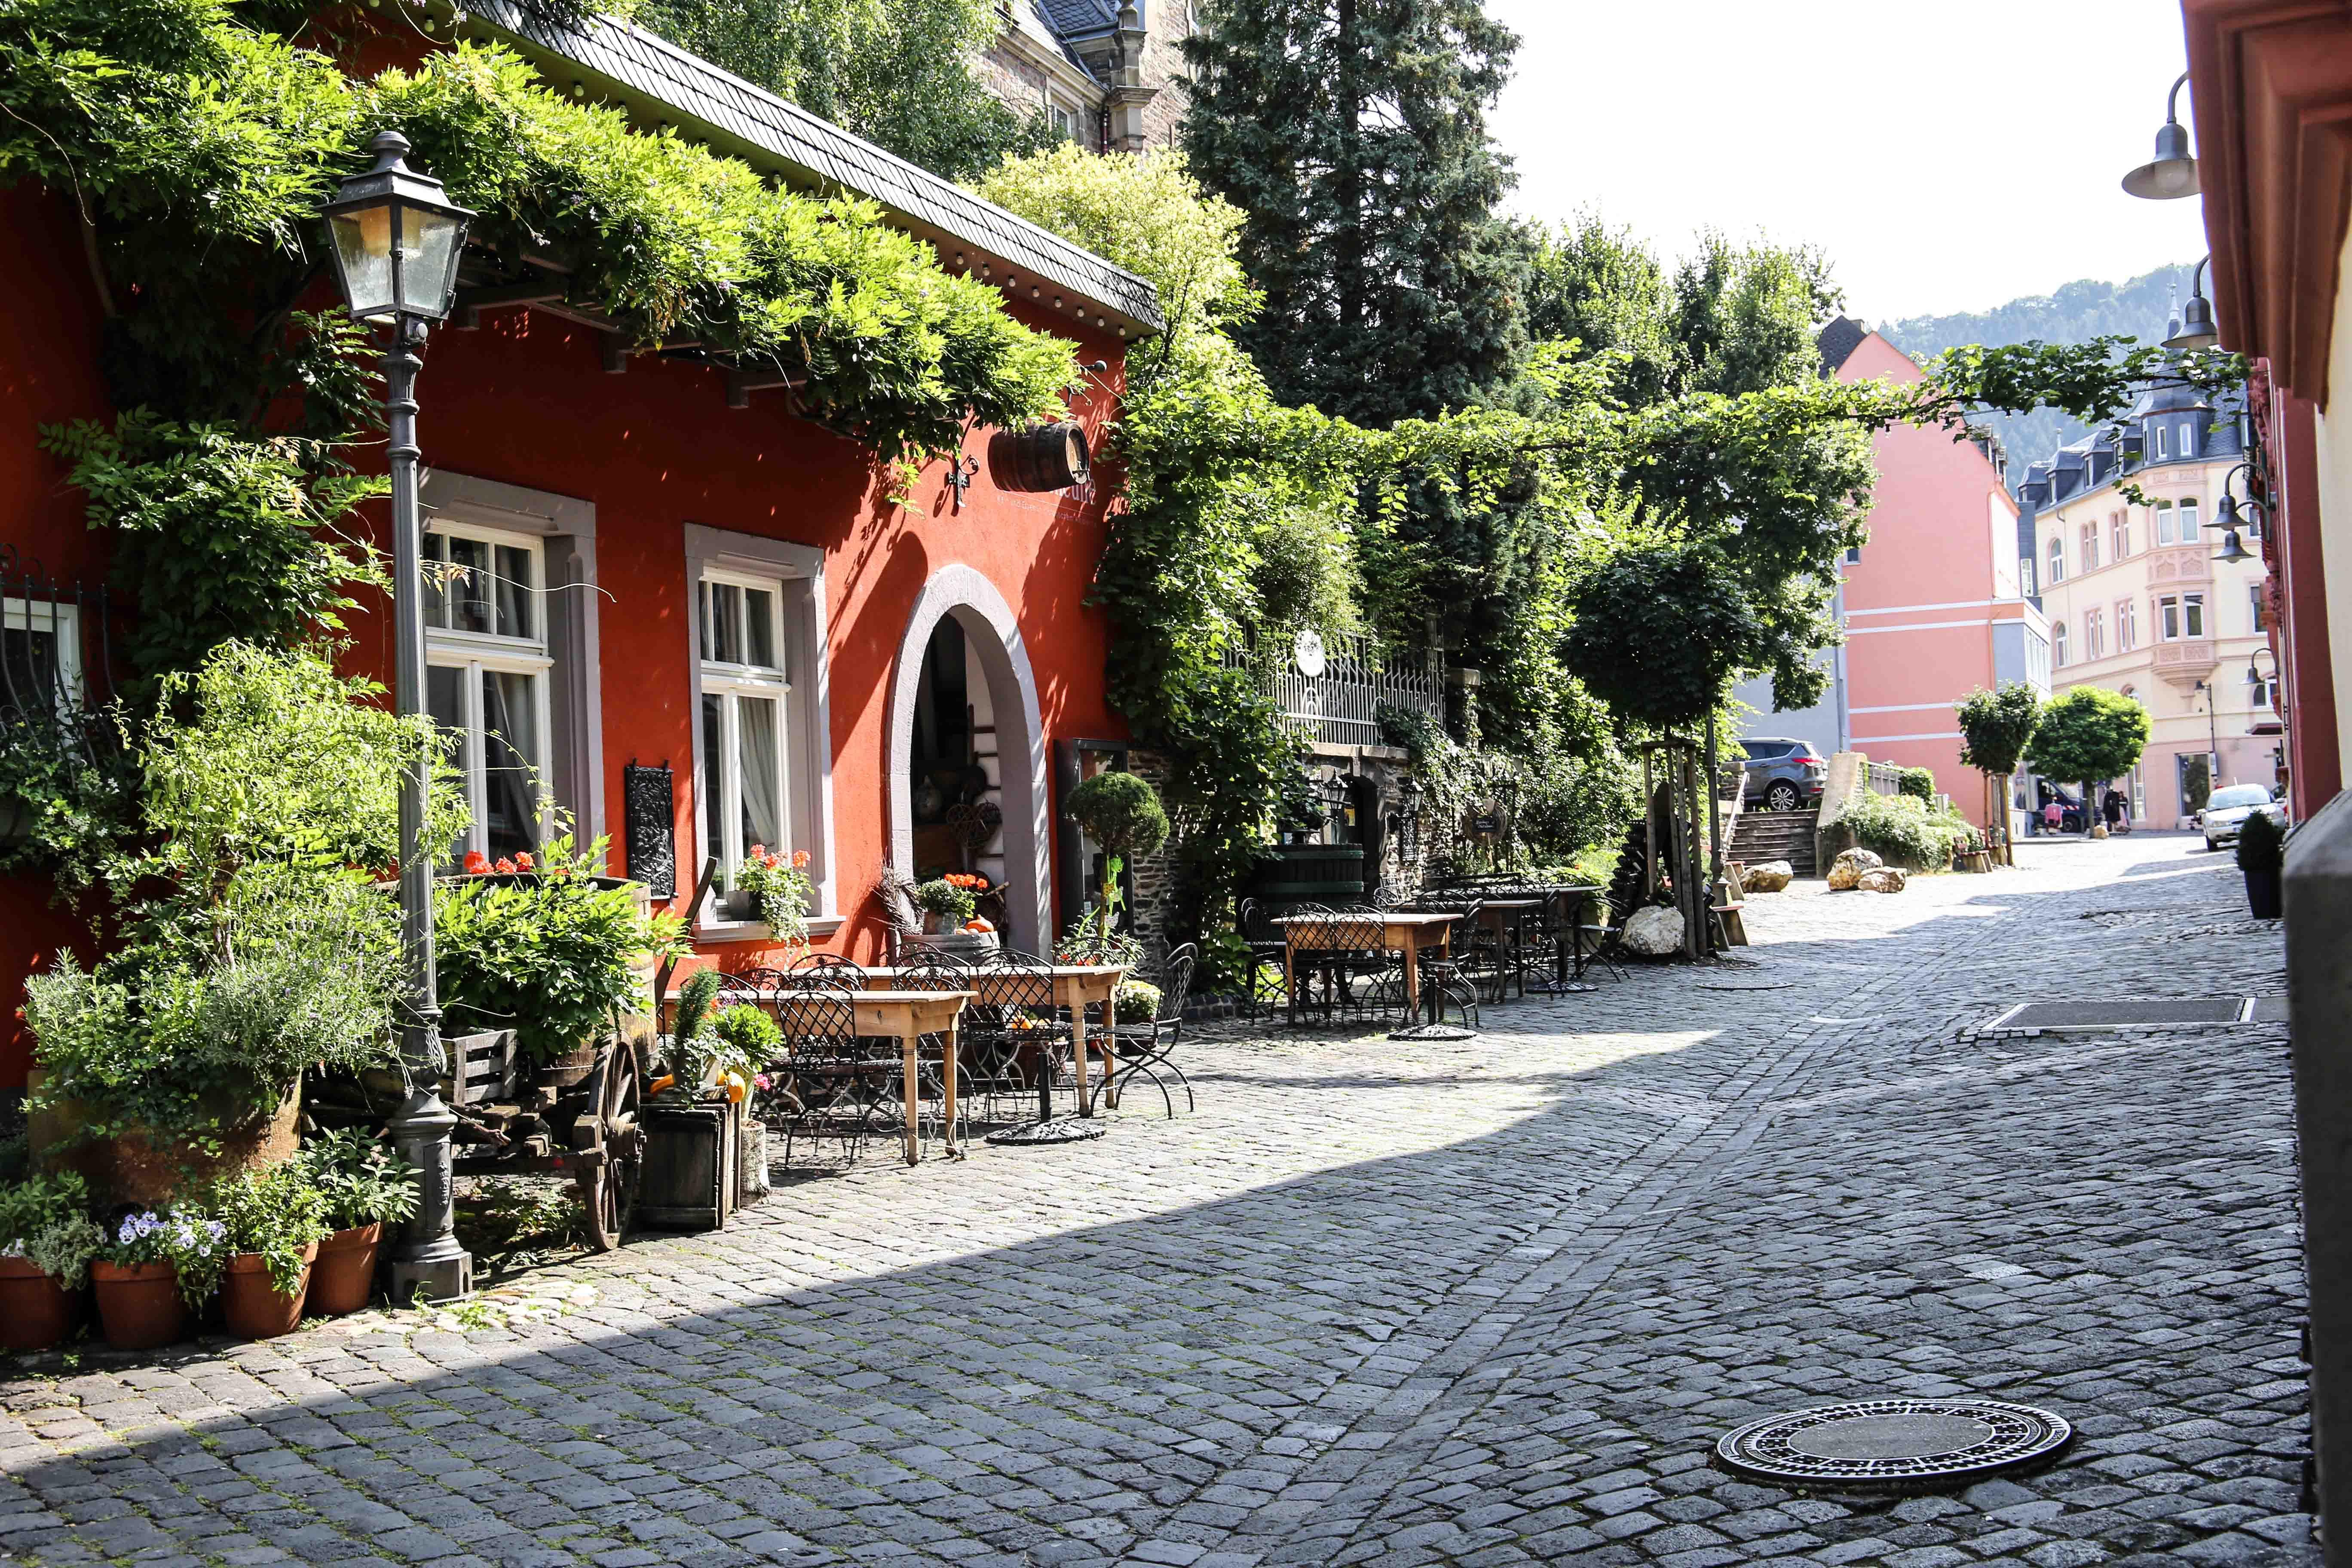 urlaub-mosel-regio-auszeit-romantik-jugendstilhotel-bellevue-traben-trarbach-deutschland-blogger_8812